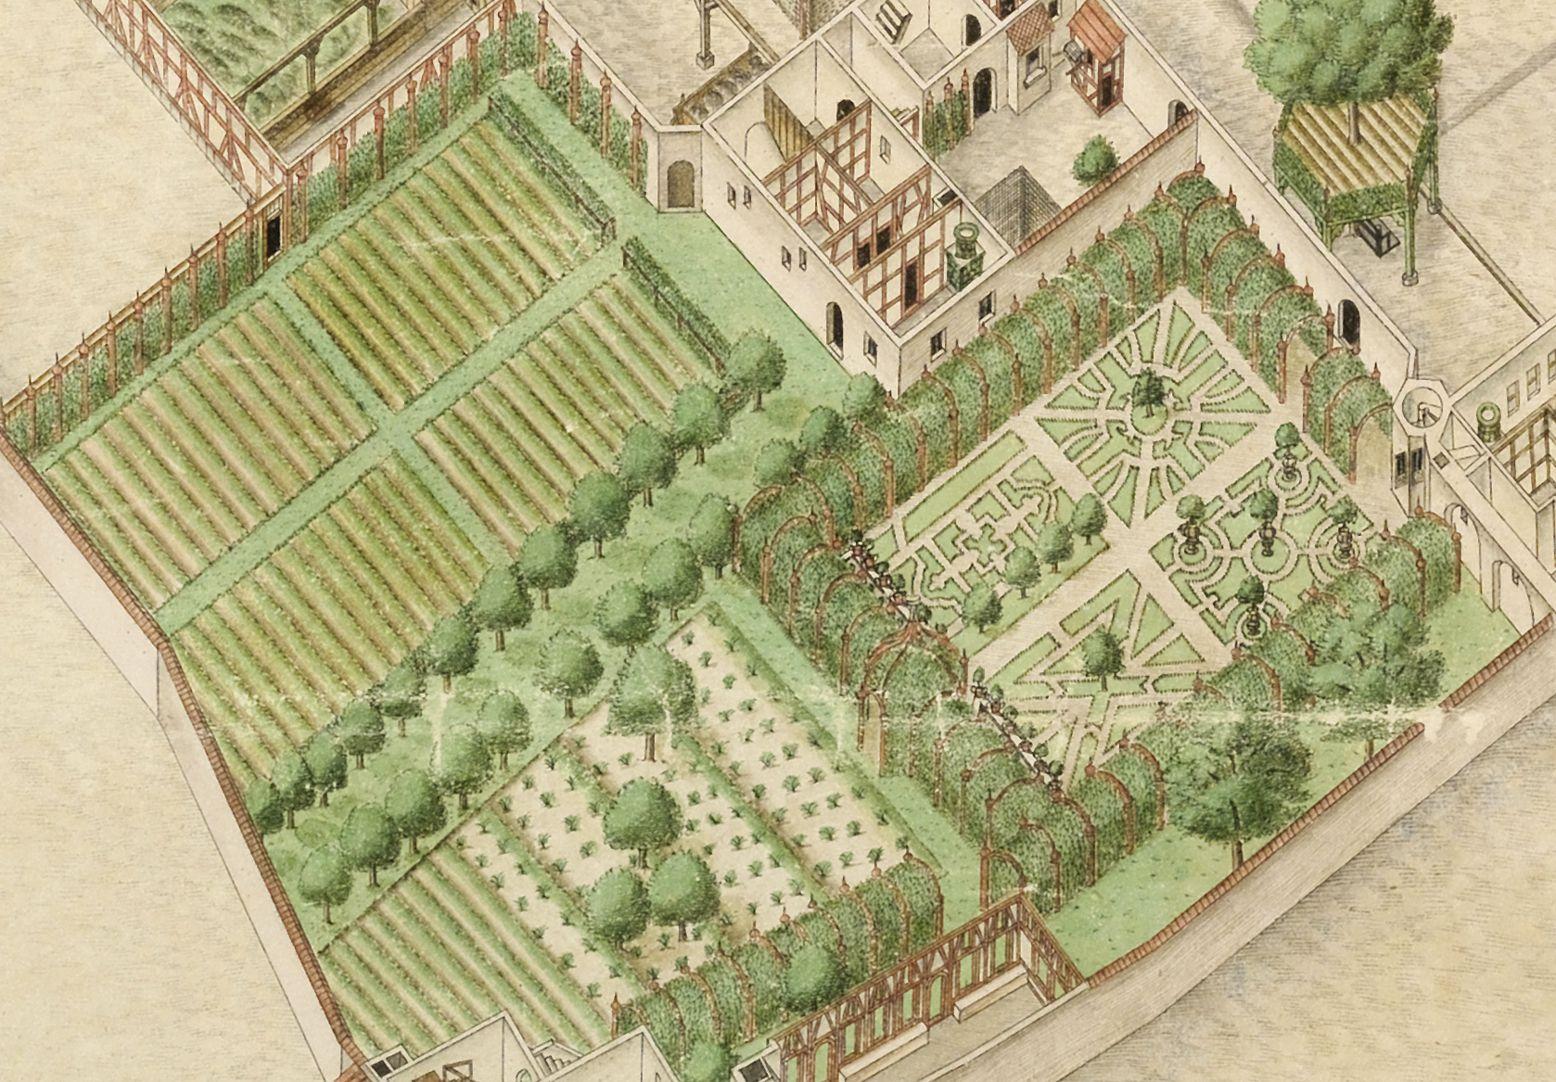 Isometrische Darstellung der Gesamtanlage des Deutschen Hauses in Nürnberg mit Einblick in die Erdgeschosse Zier- und Nutzgärten